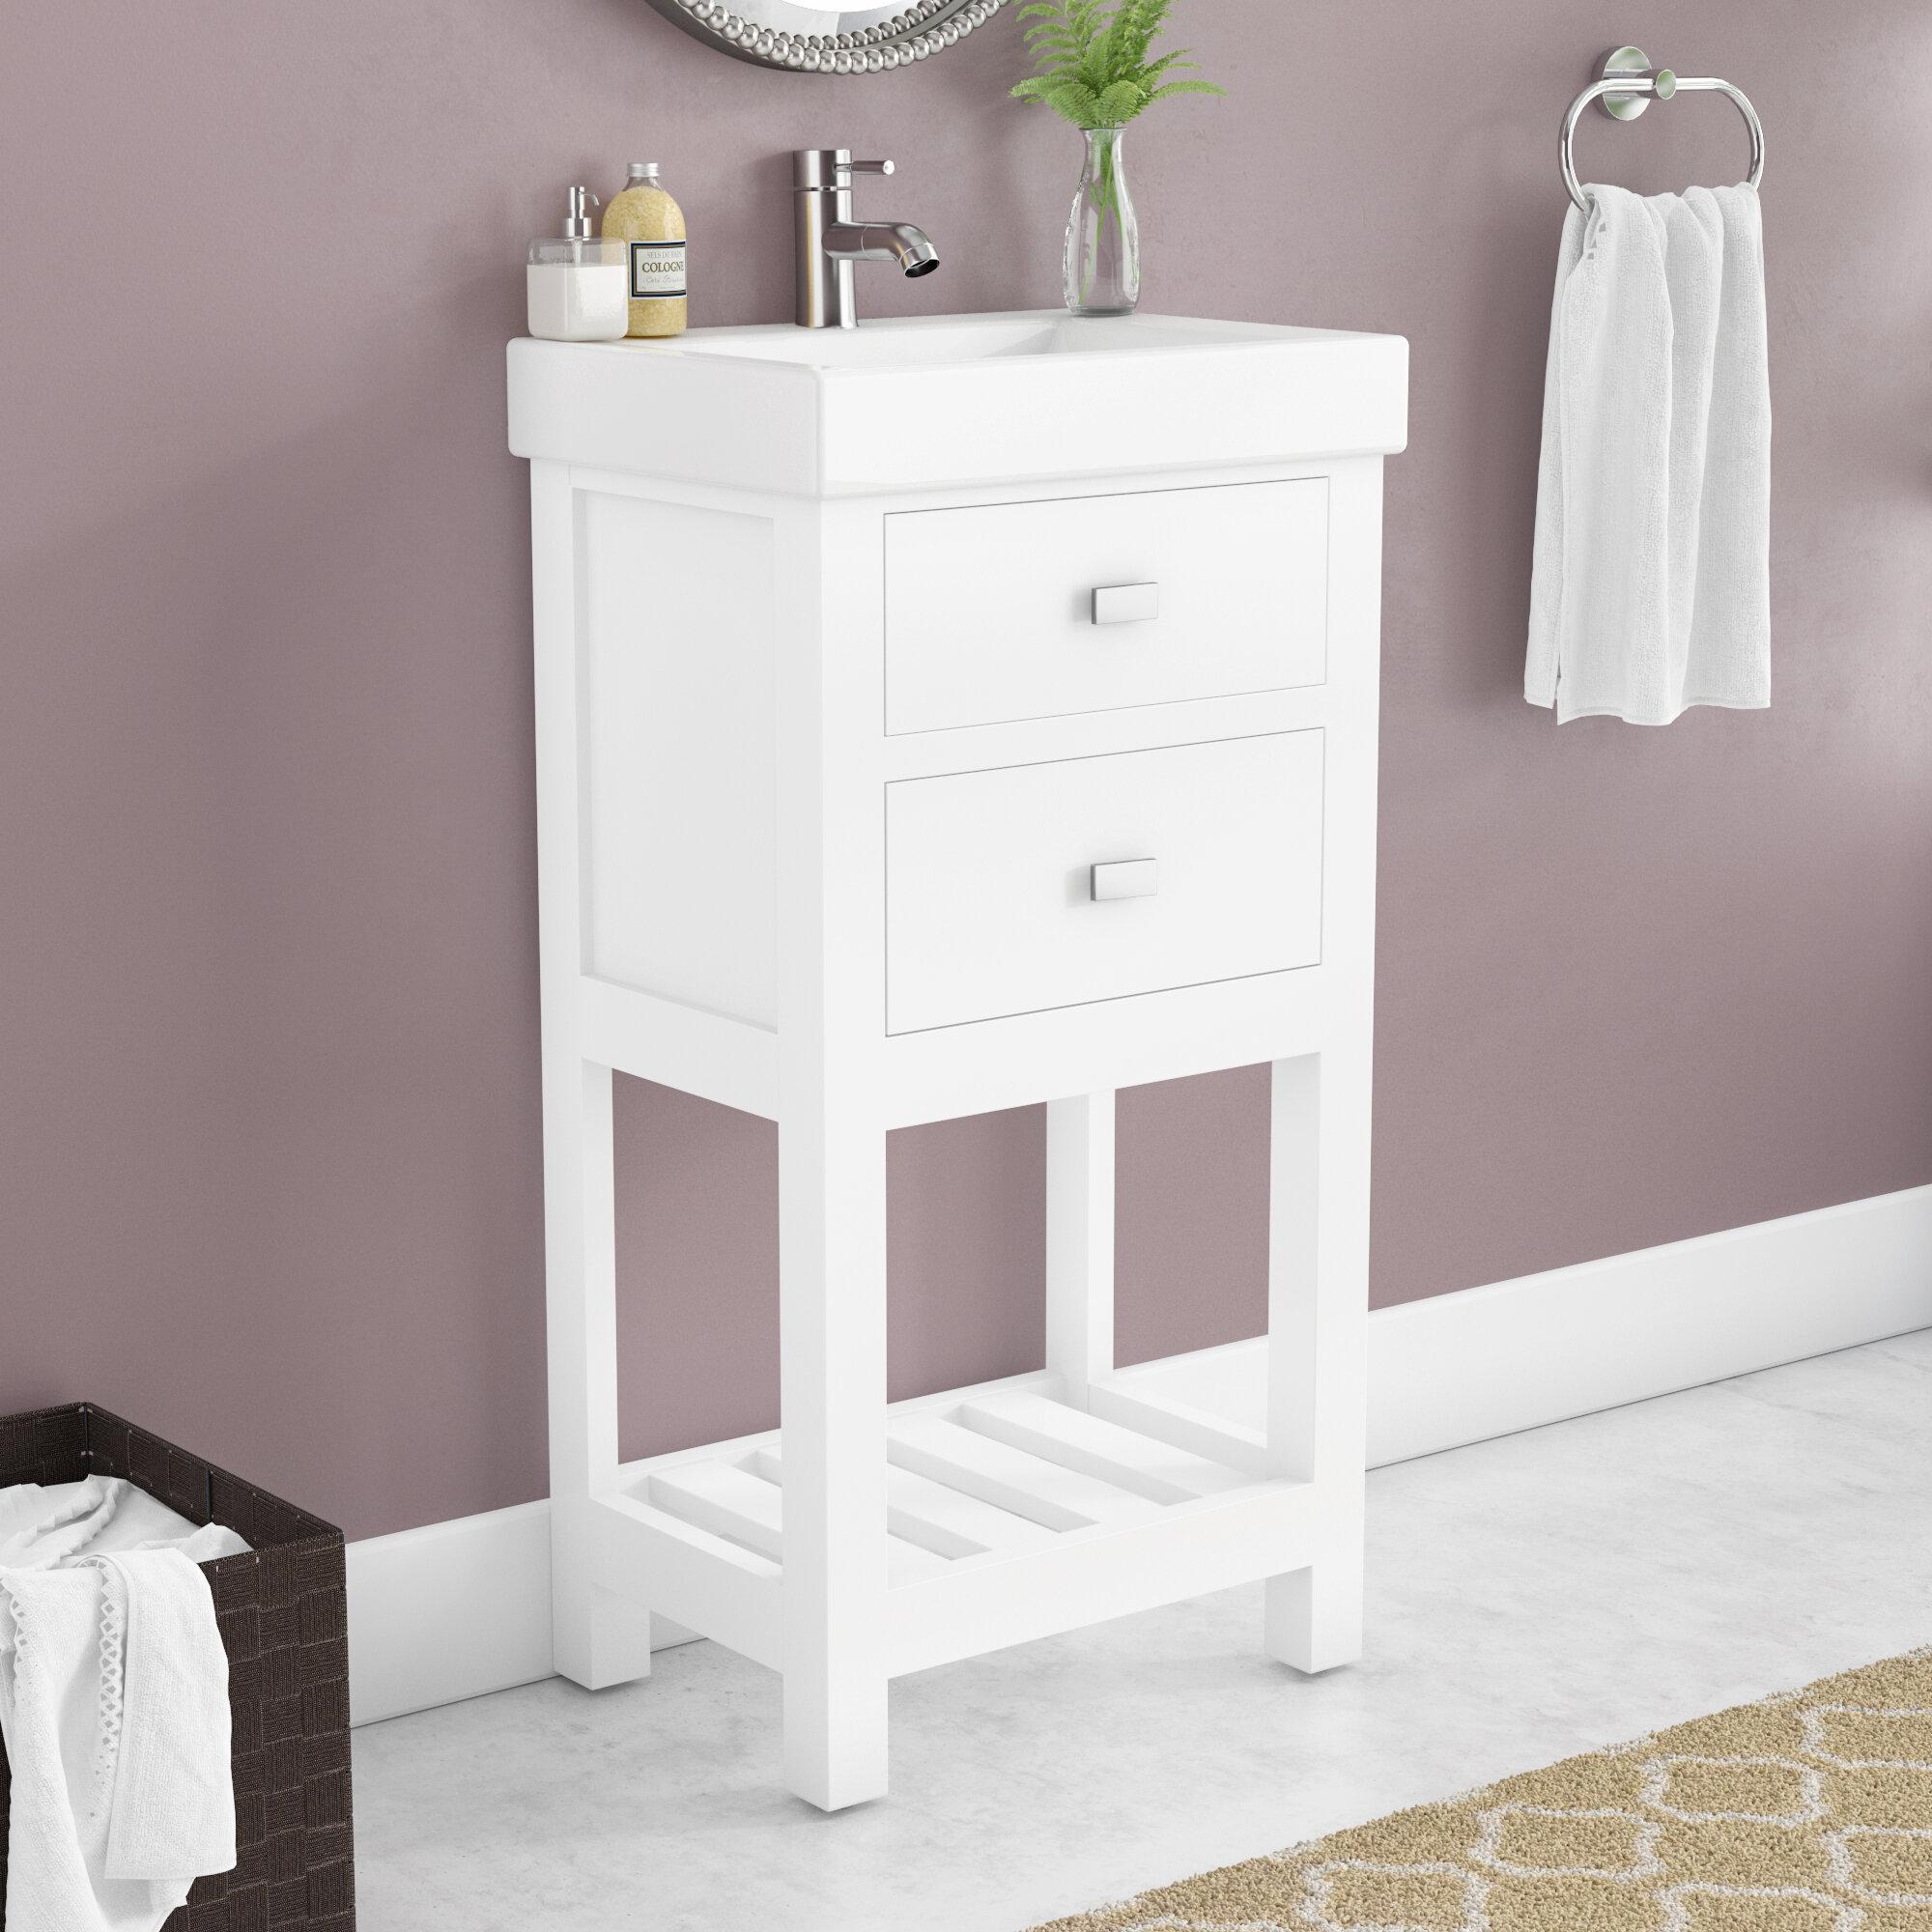 Zipcode Design Knighten 18 Single Bathroom Vanity Set Reviews Wayfair